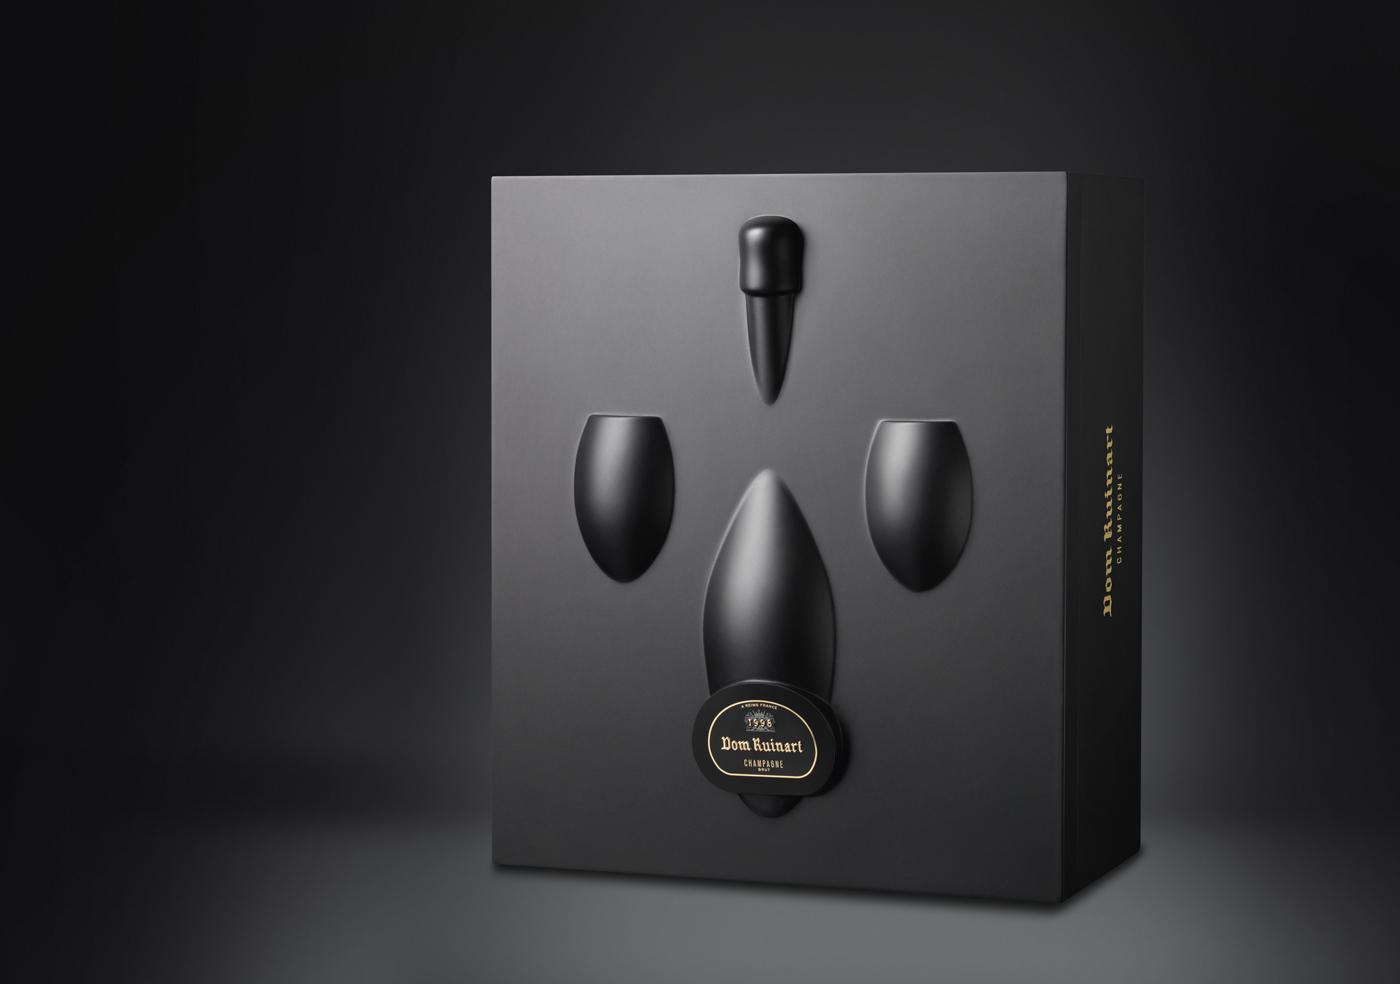 Dom Ruinart Inversion - Un design pensé par l'agence de design de Paris Partisan du Sens.